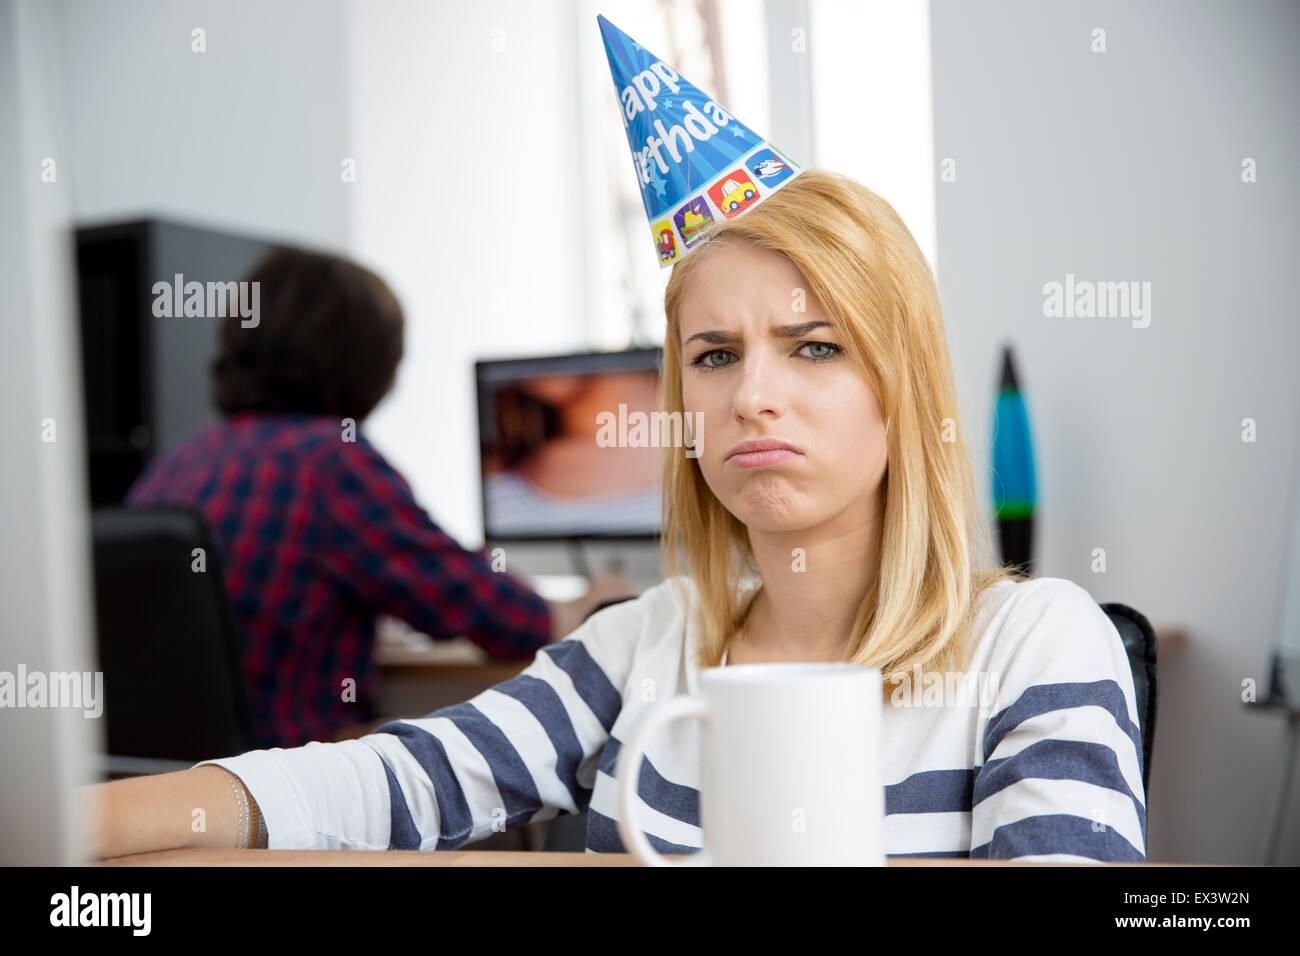 Triste mujer con sombrero de cumpleaños sentado a la mesa en la oficina y mirando a la cámara Imagen De Stock